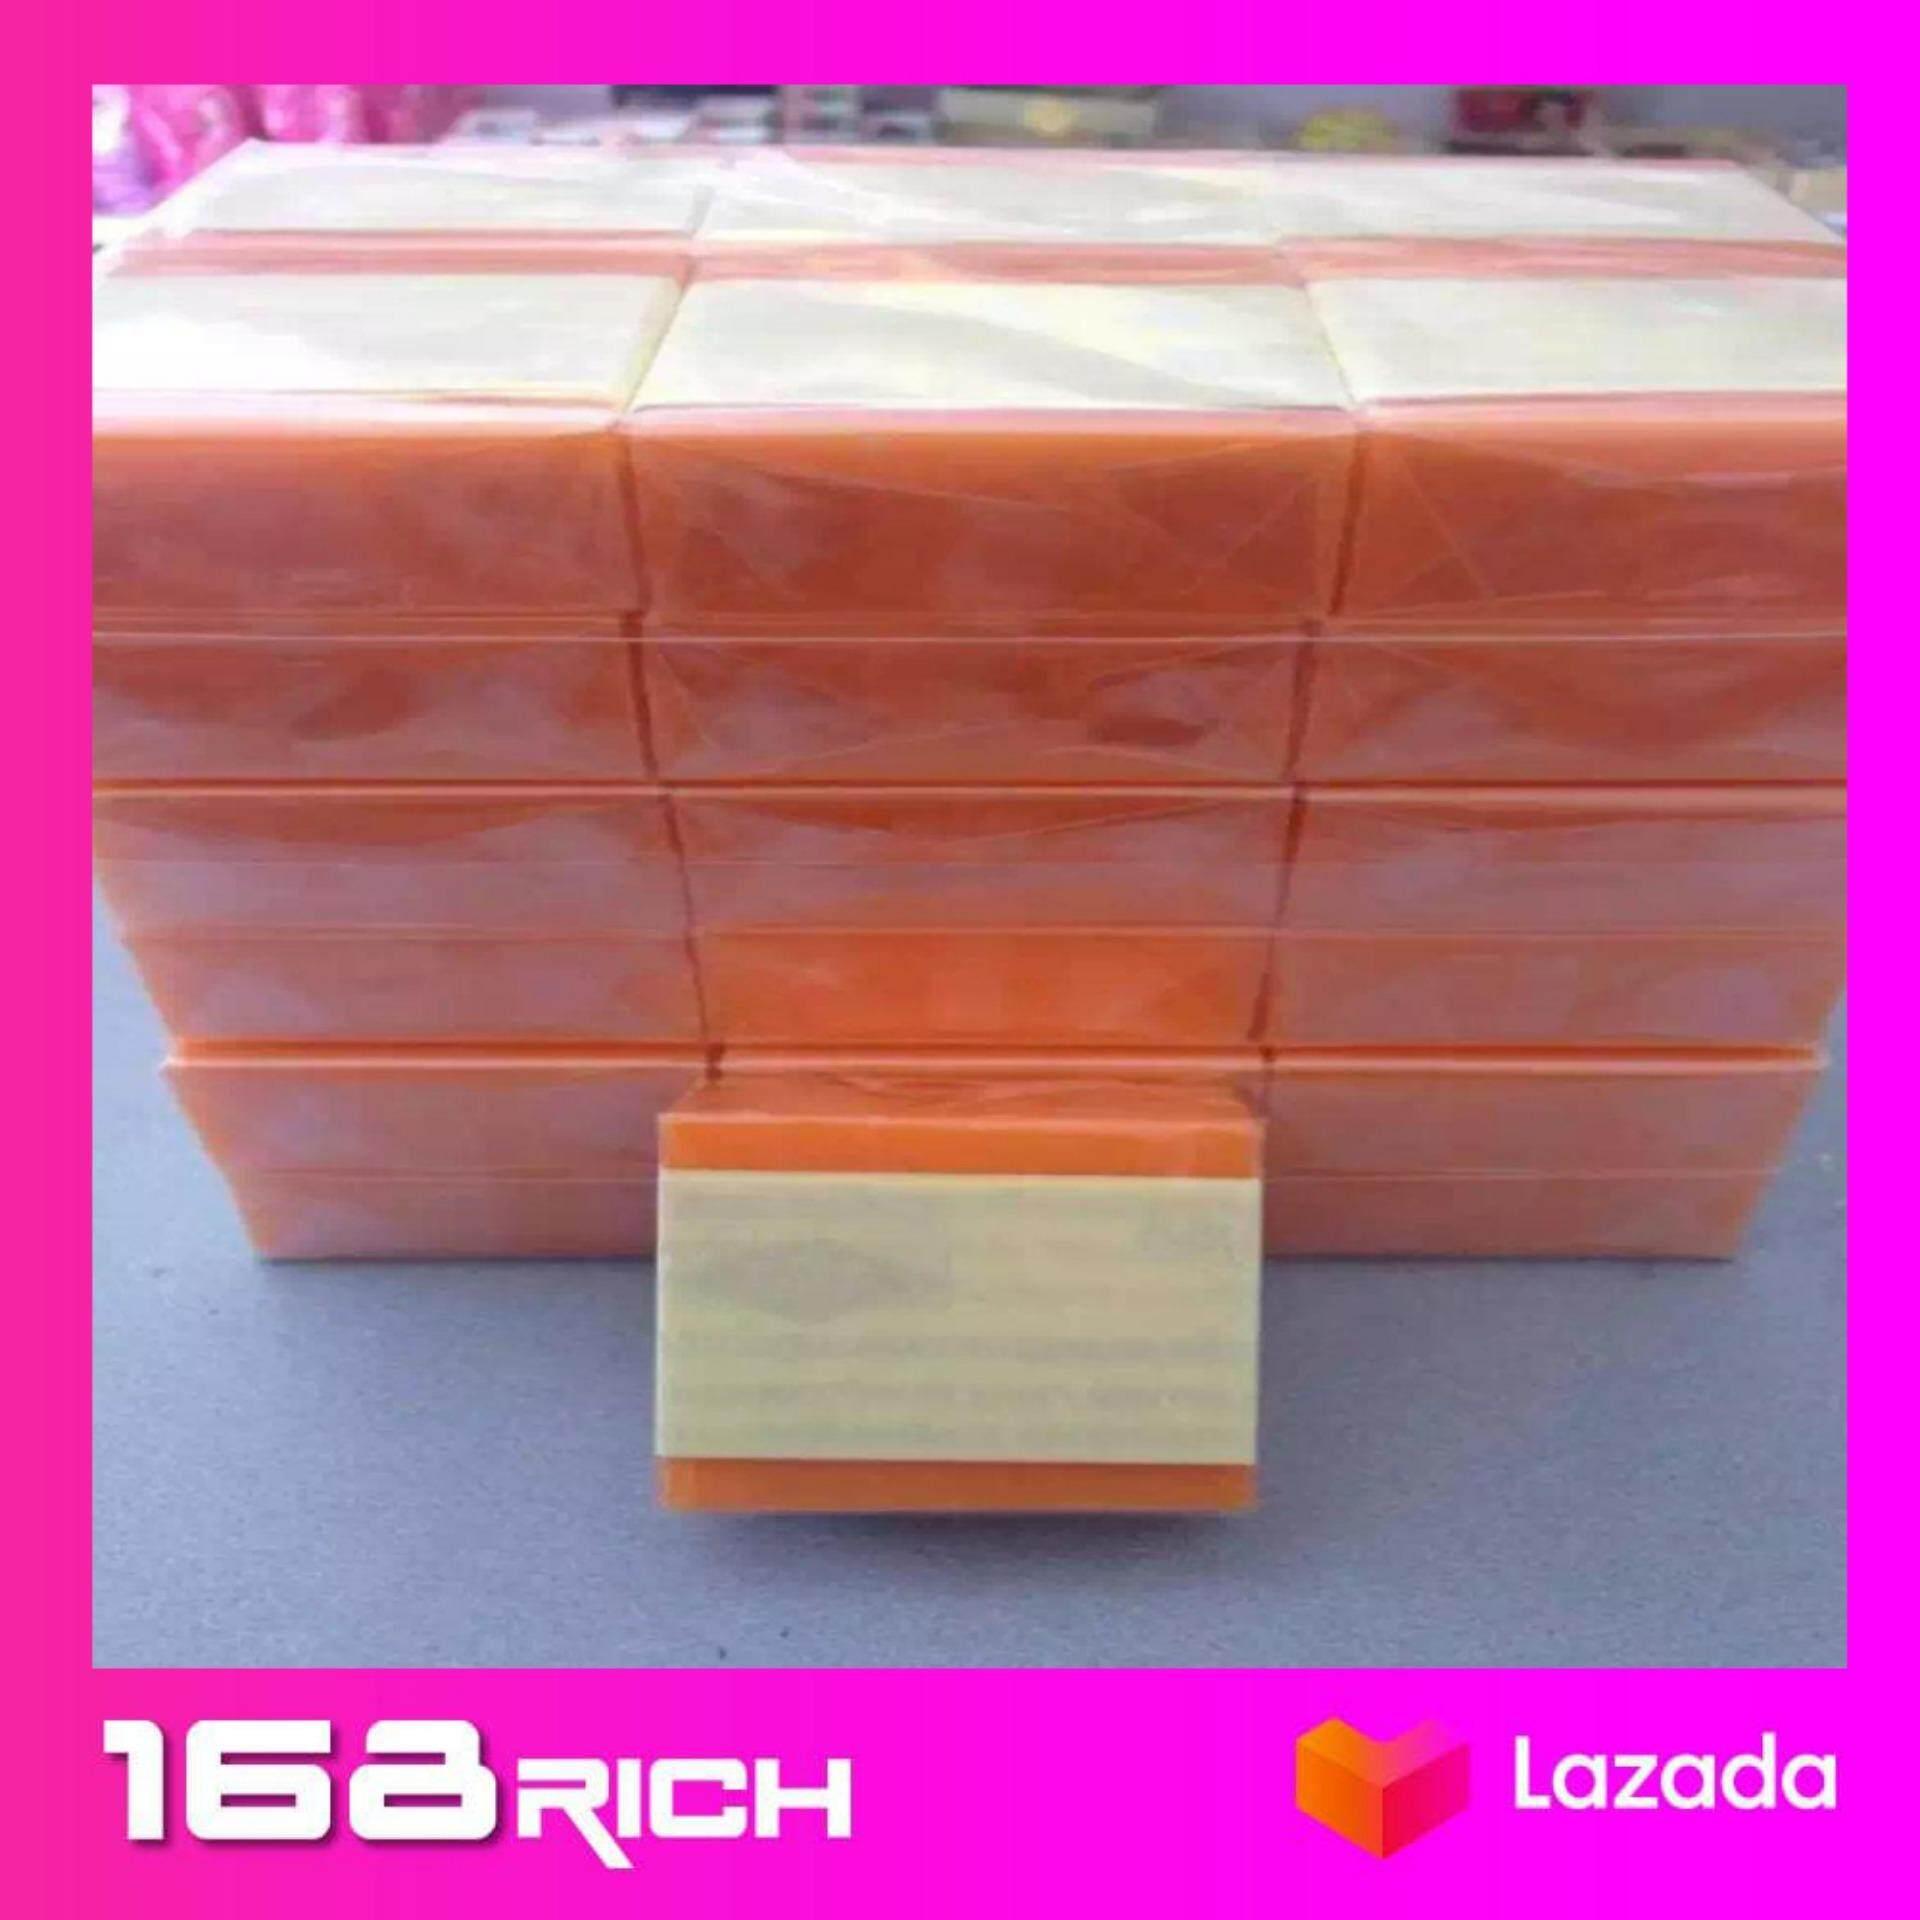 ( ยกแพ็ค 12ก้อน) สบู่ส้มธรรมชาติ สบู่ ส้ม มะละกอ สบู่พม่า หน้าใส 70กรัม ×12ก้อน